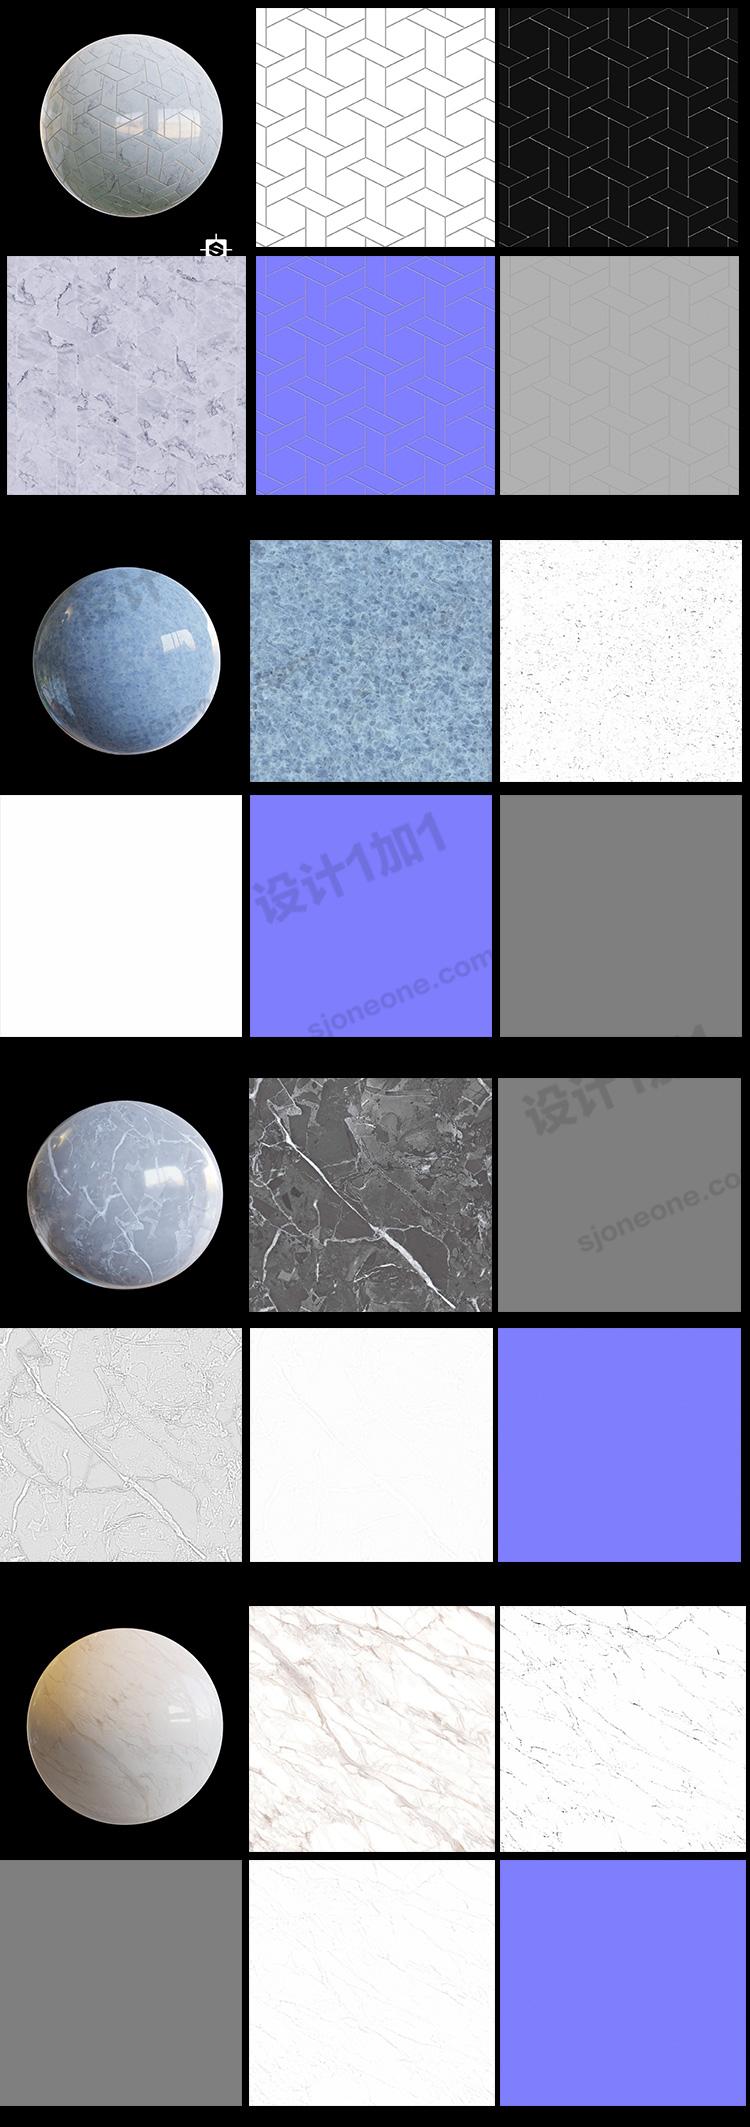 C4D大理石纹理背景无缝贴图3D模型地面材质法线置换凹凸素材